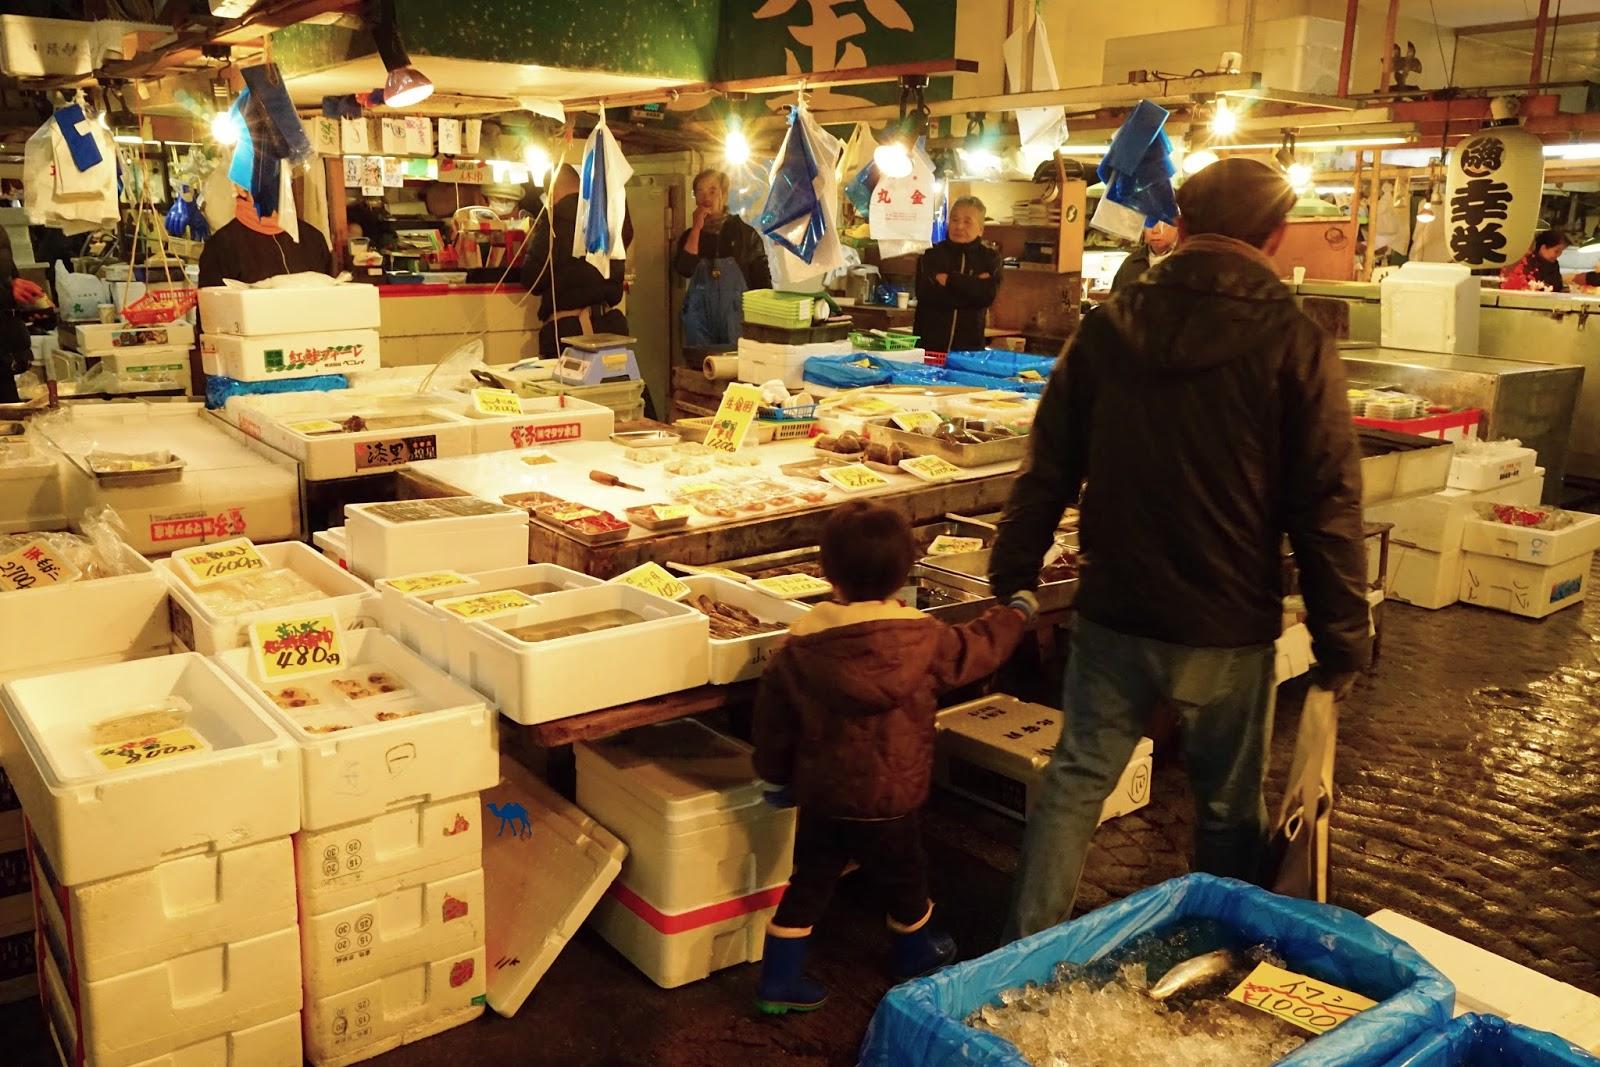 Le Chameau Bleu - Stand du Marché de Poisson à Tsukiji